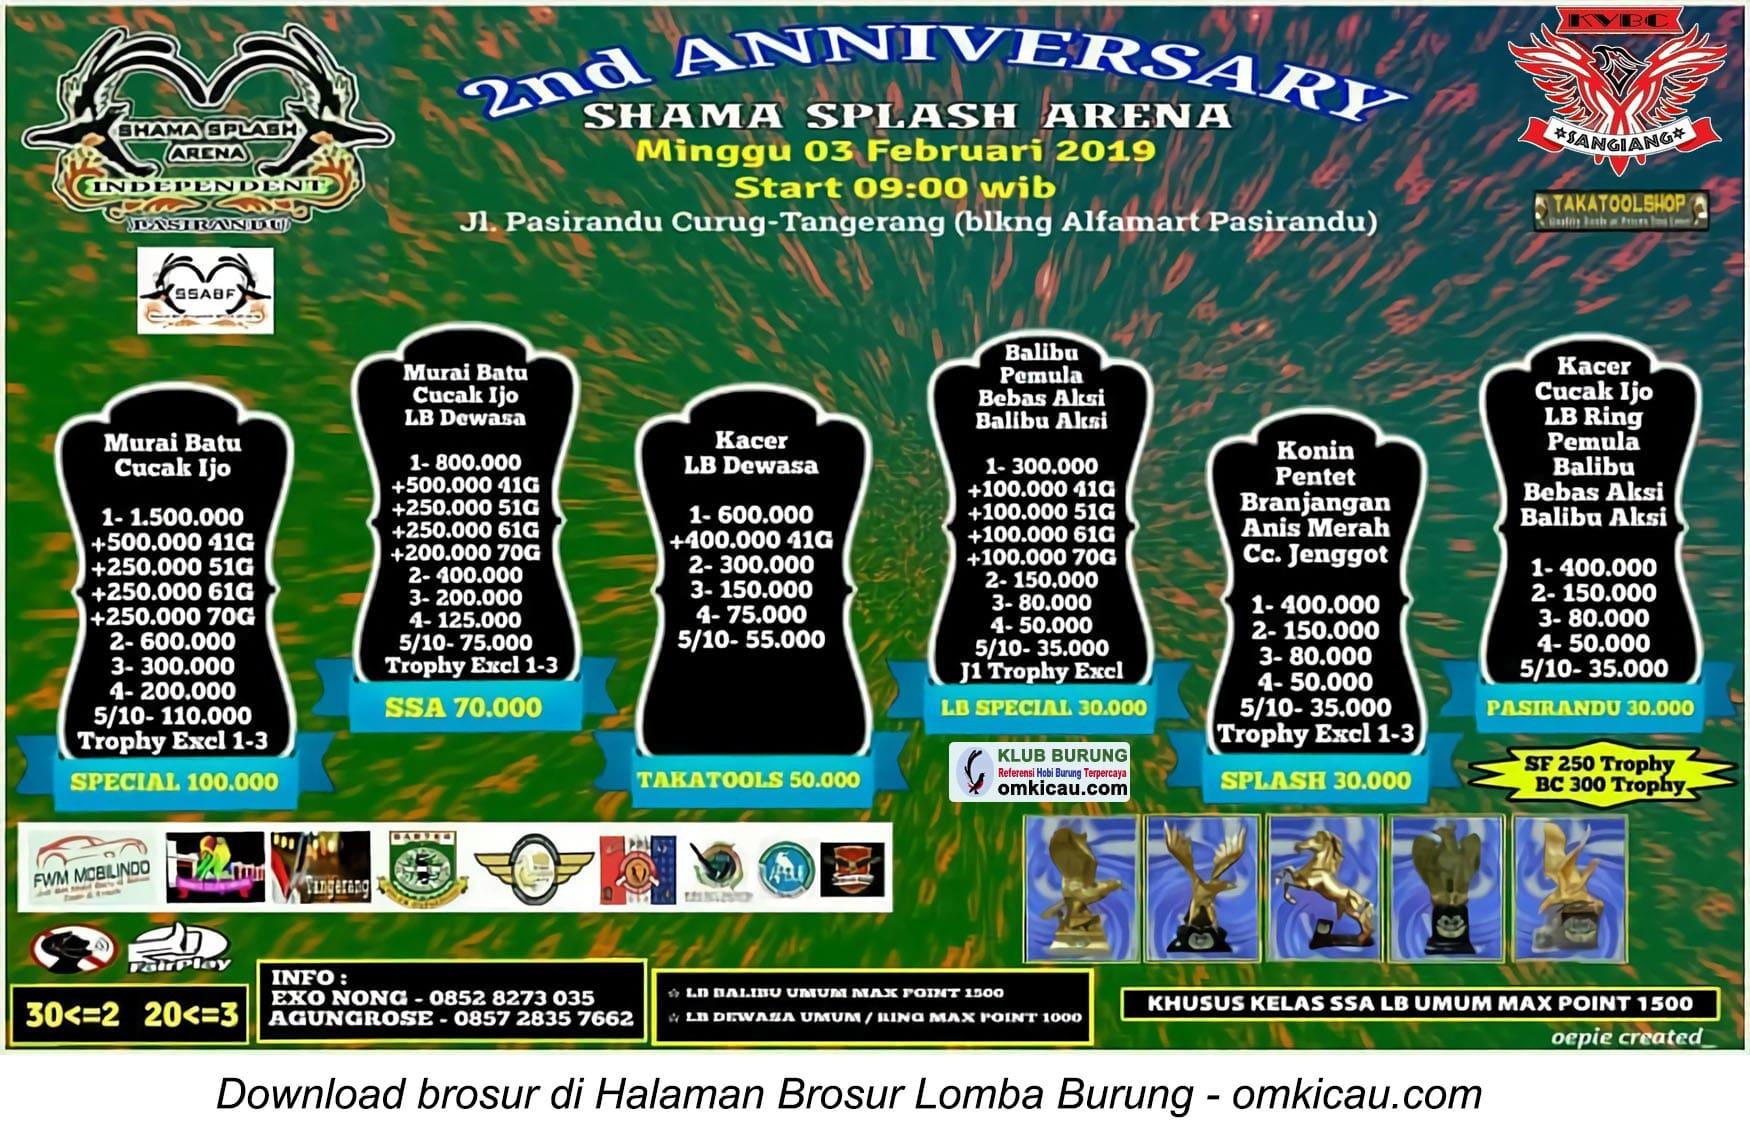 2nd Anniversary Shama Splash Arena